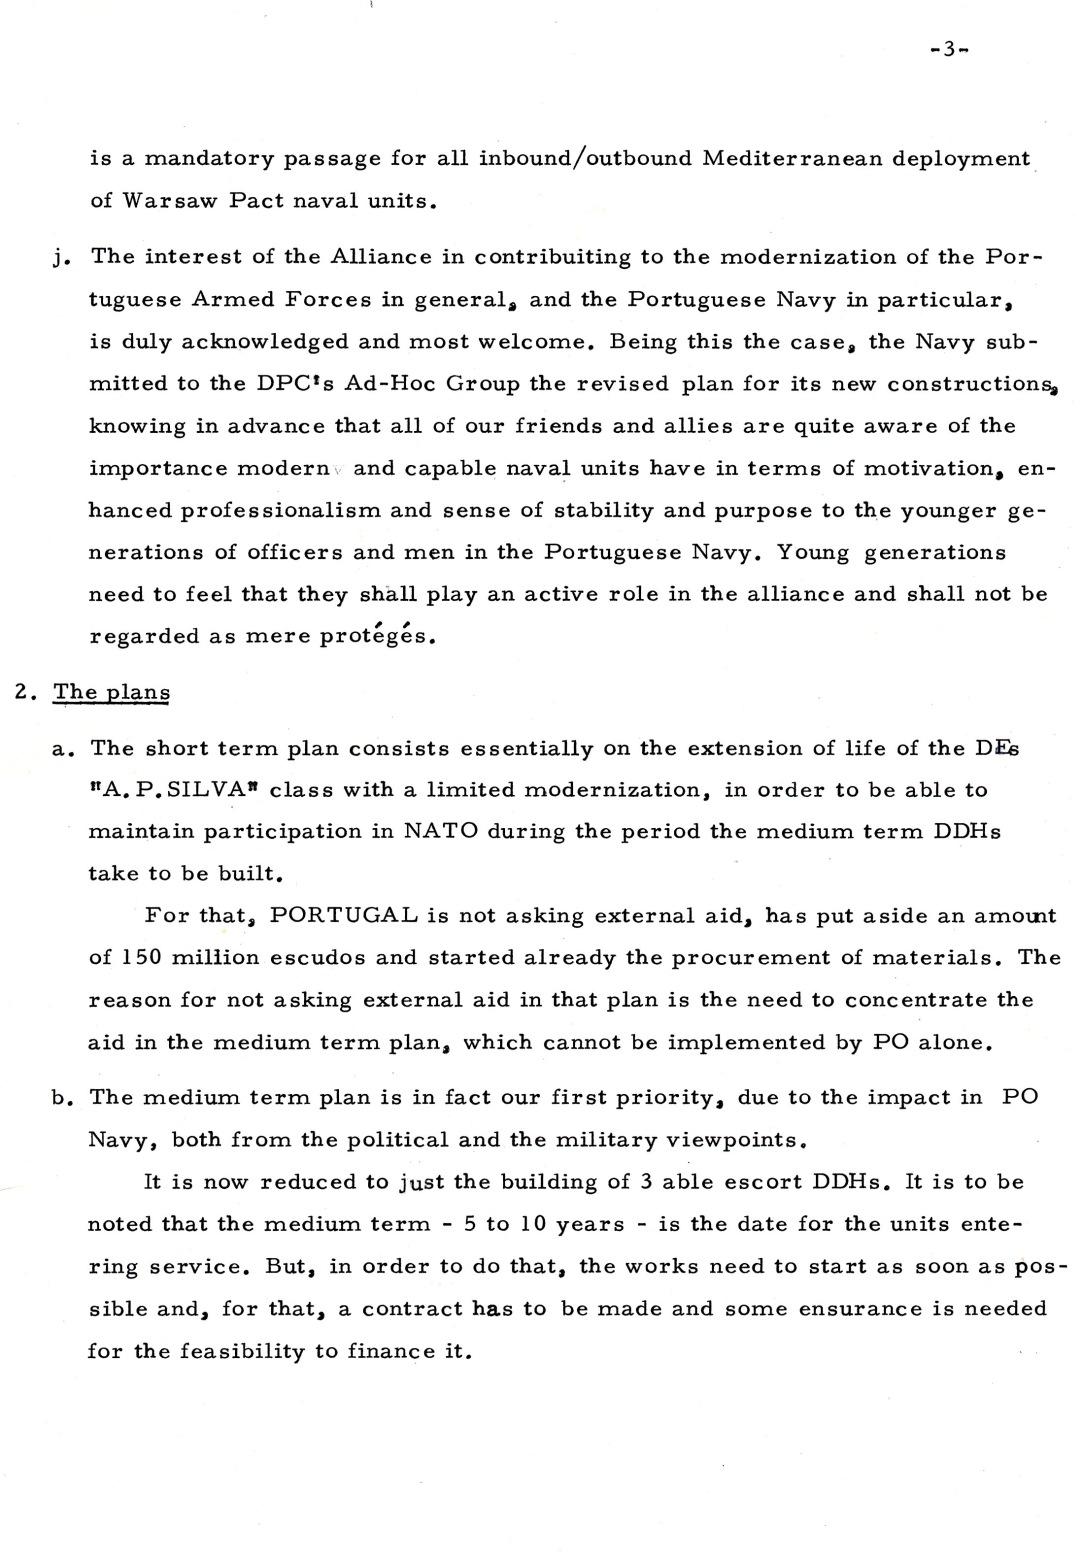 00874 977-12-12 Briefing do CAlm Nunes da Silva ao Sub Secretário da Defesa dos EUA Mr Sienna sobre o meu plano naval -pg 3